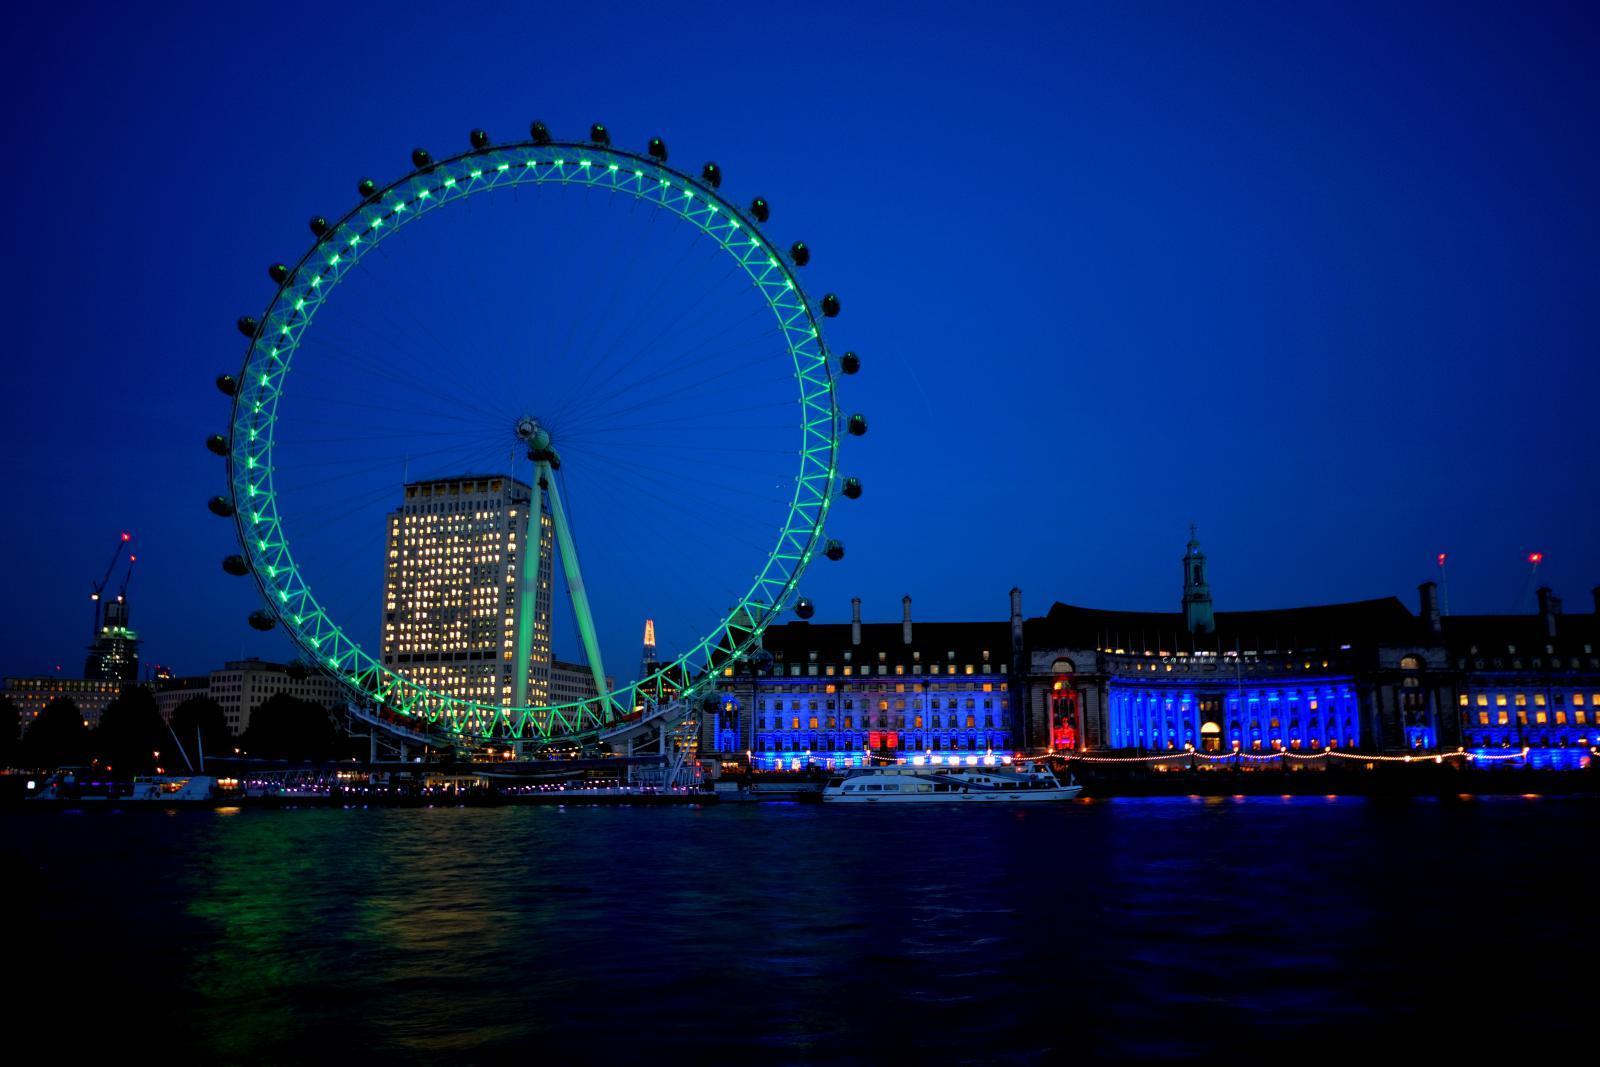 Öffnungszeiten London Eye